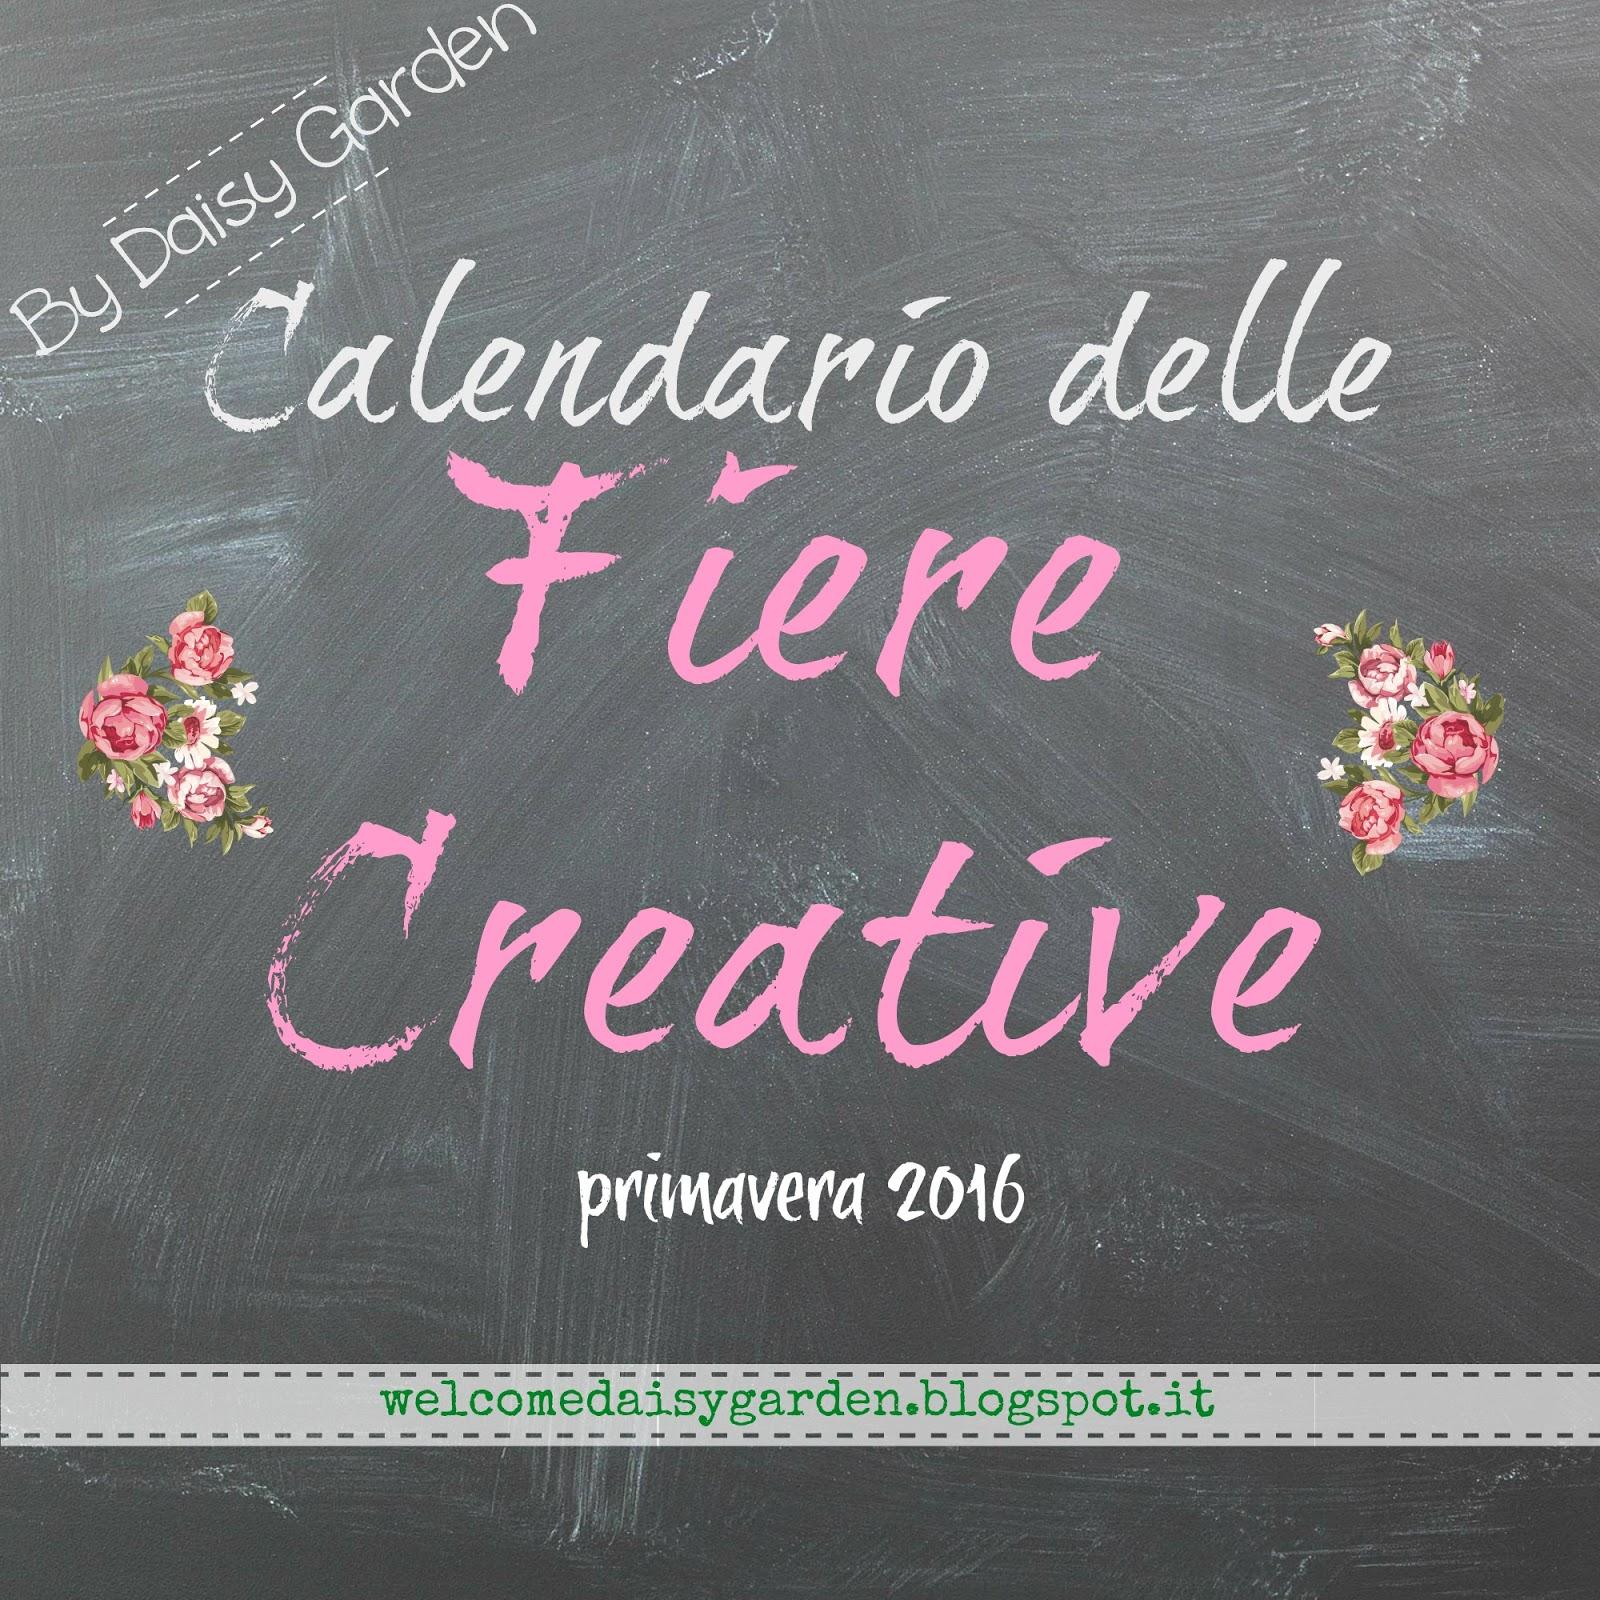 Daisy garden calendario delle prossime fiere creative for Fiera elettronica calendario 2016